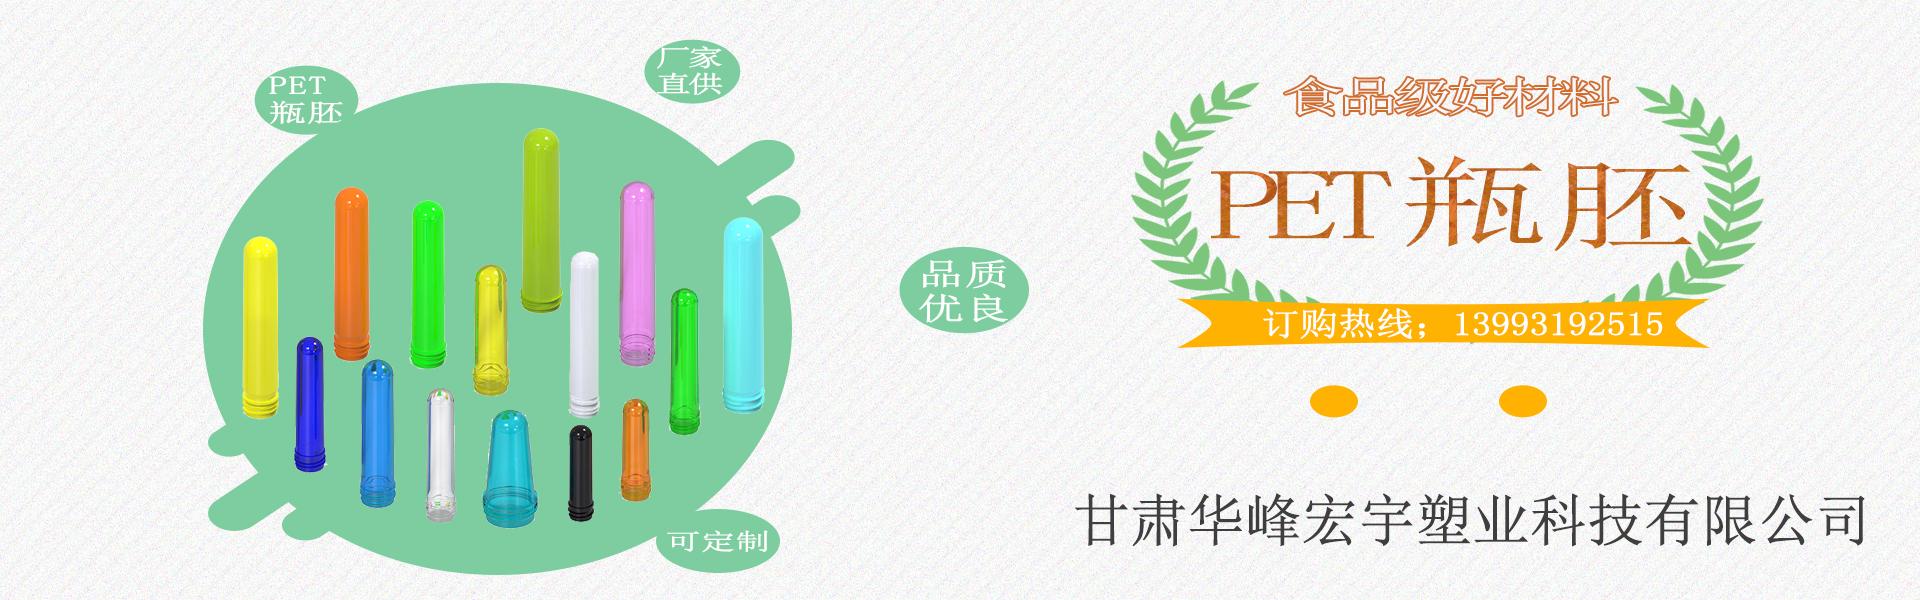 甘肅pet瓶胚、蘭州塑料瓶胚、各規格瓶胚、pet瓶胚定制